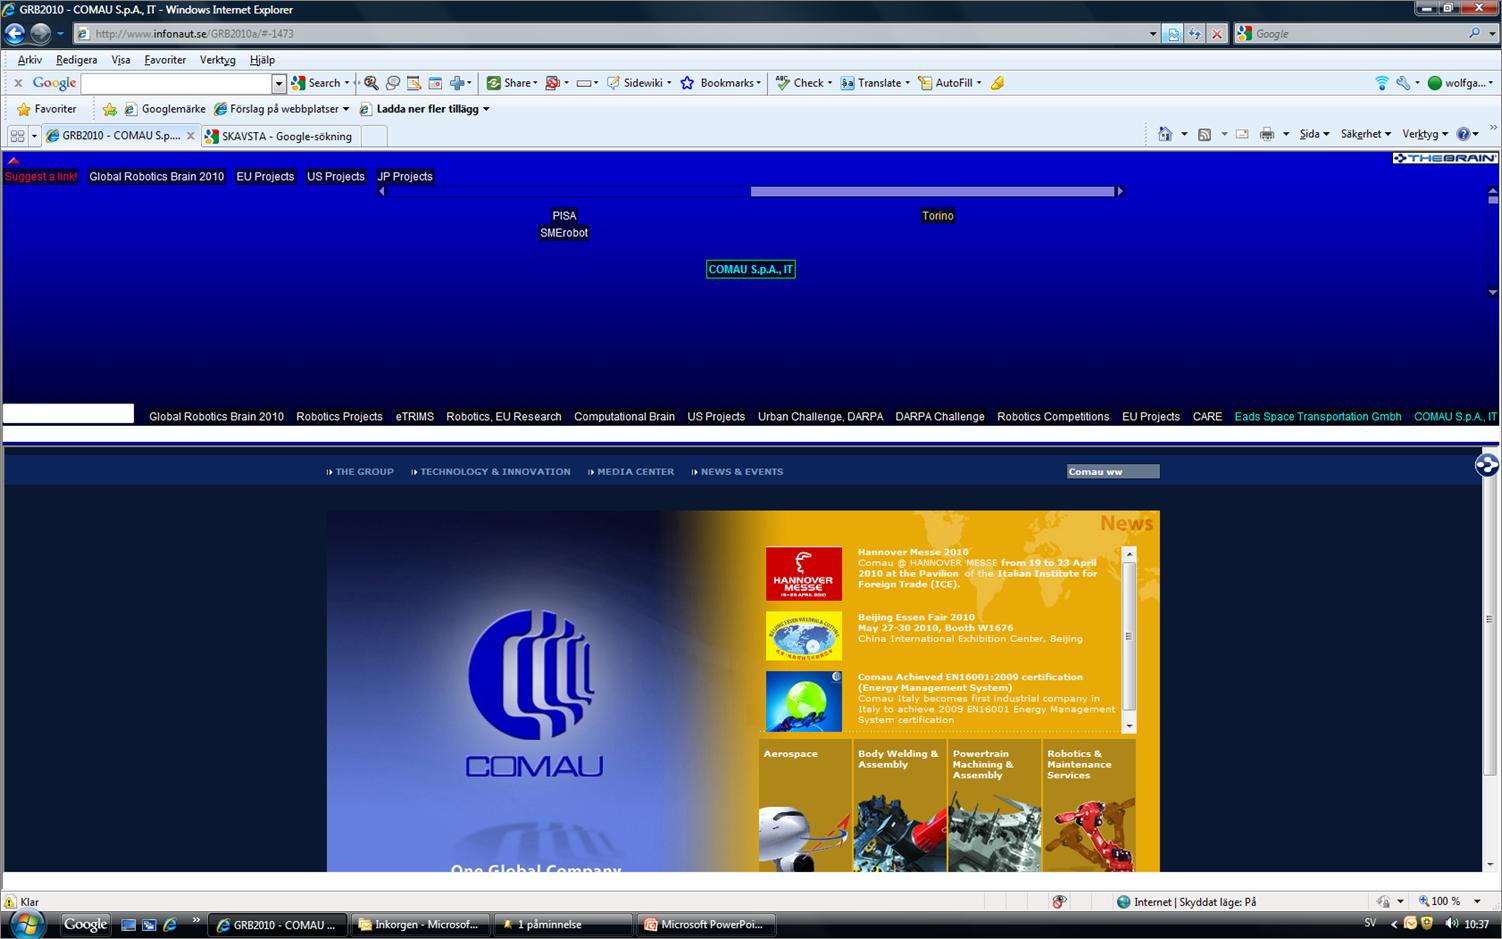 Click image for larger version - Name: PB_slider01.png, Views: 103, Size: 666.18 KB